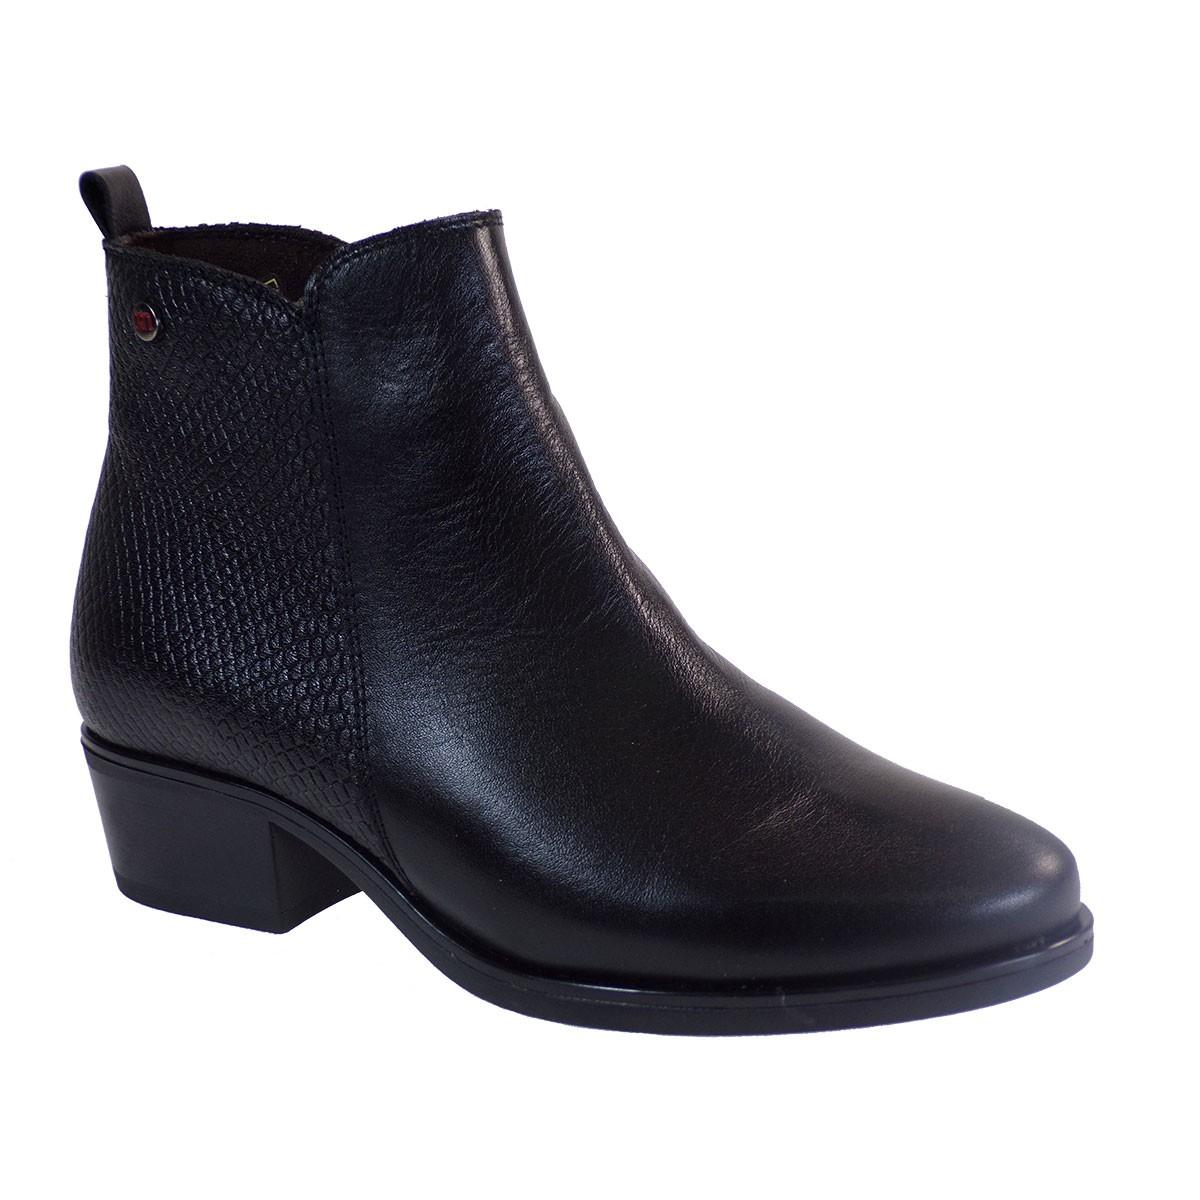 PEPE MENARGUES SHOES Γυναικεία Παπούτσια Μποτάκια 20400 Μαύρο Δέρμα